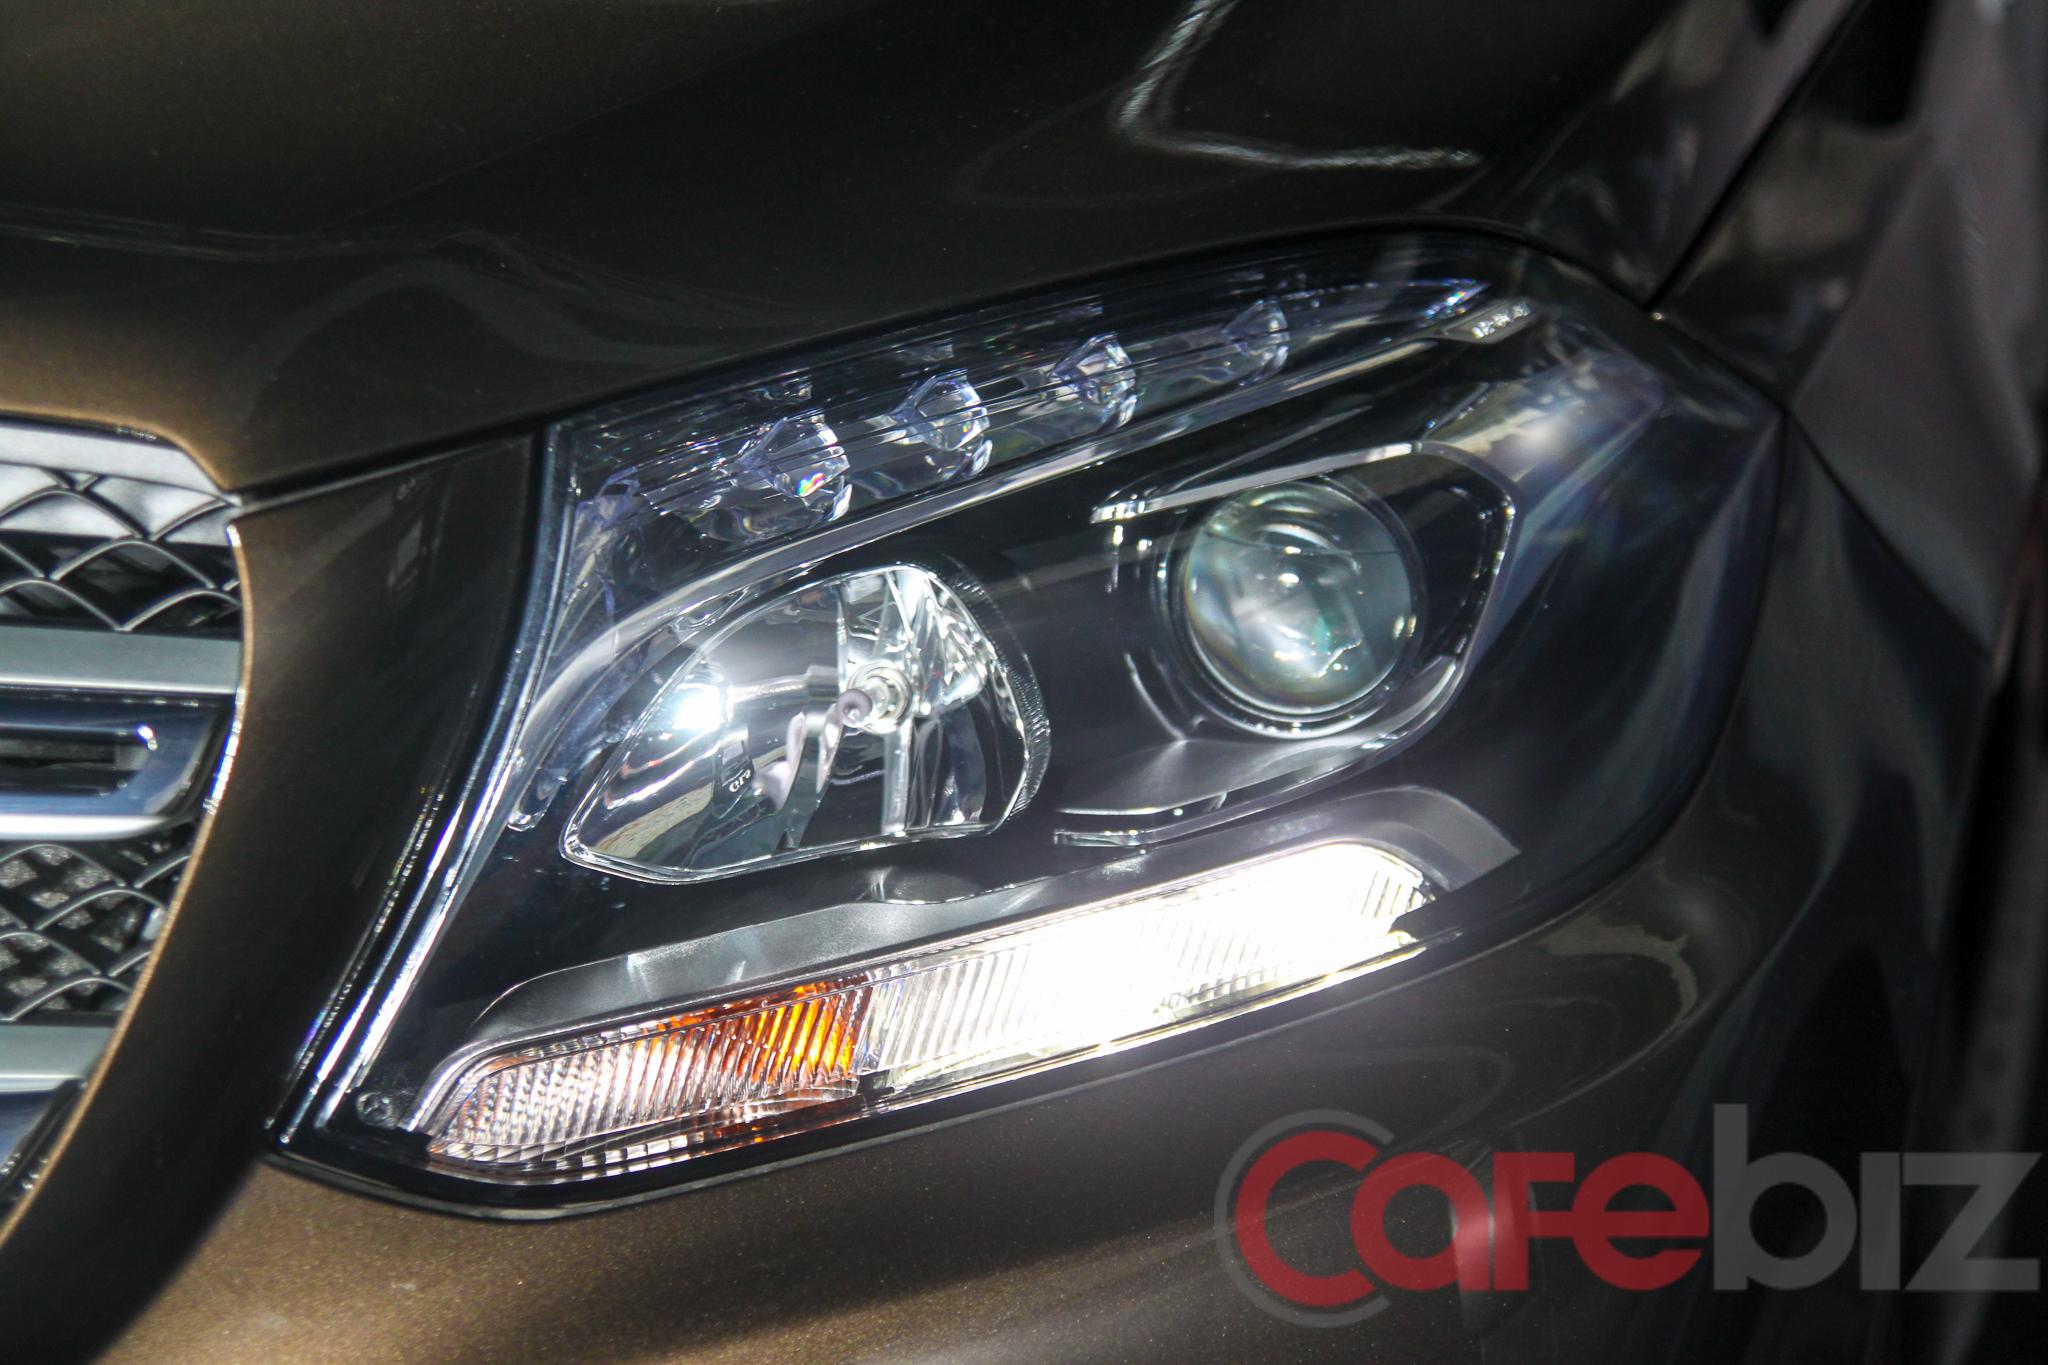 Bộ đèn chiếu sáng không sử dụng công nghệ LED, được trang bị trên GLS 350 d và GLS 400.